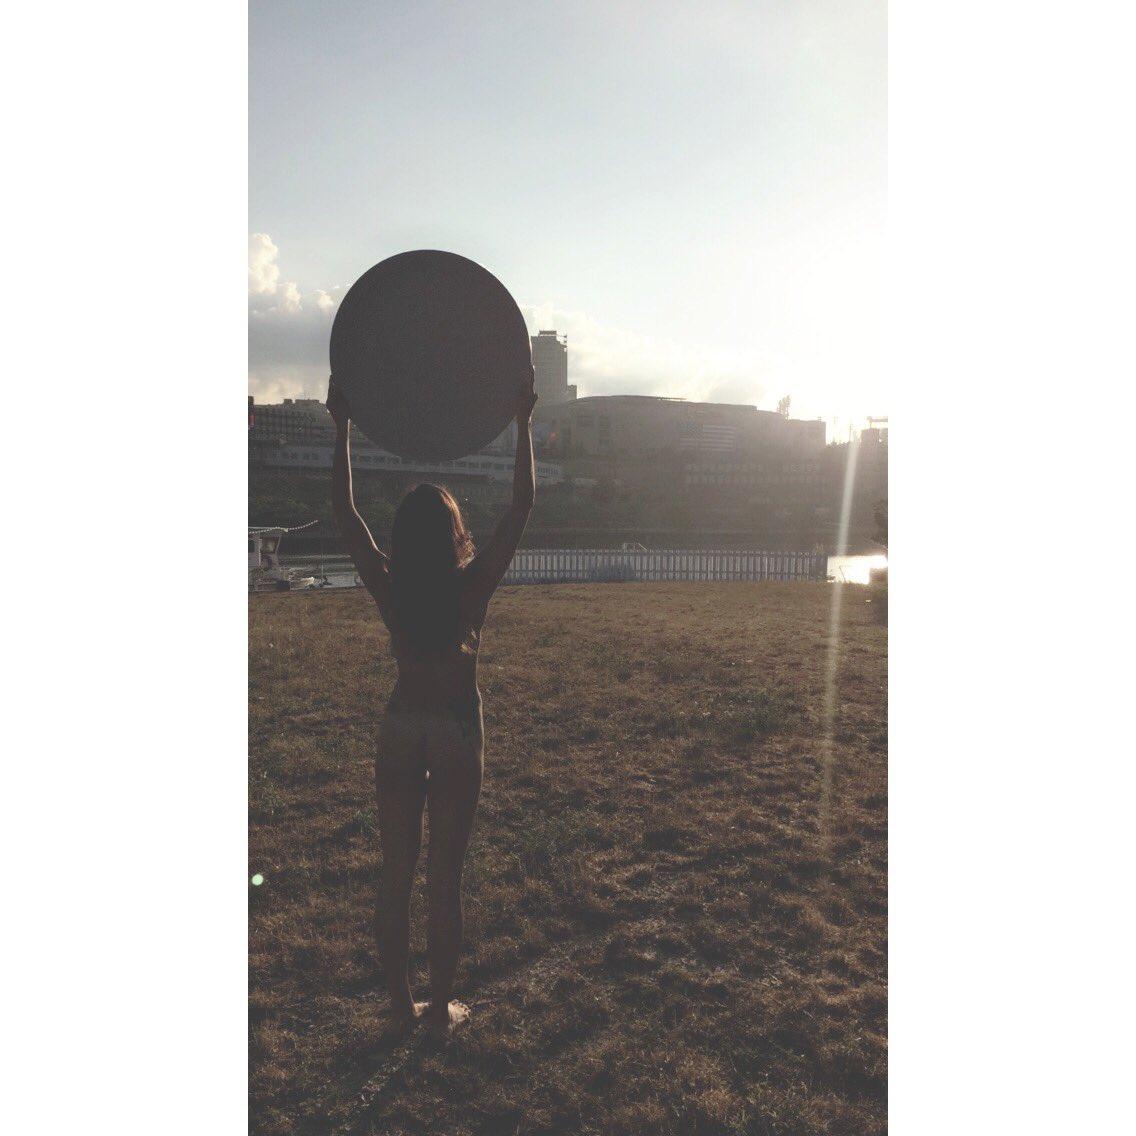 Mỹ: 100 chị em khỏa thân cầm gương chụp ảnh - 6